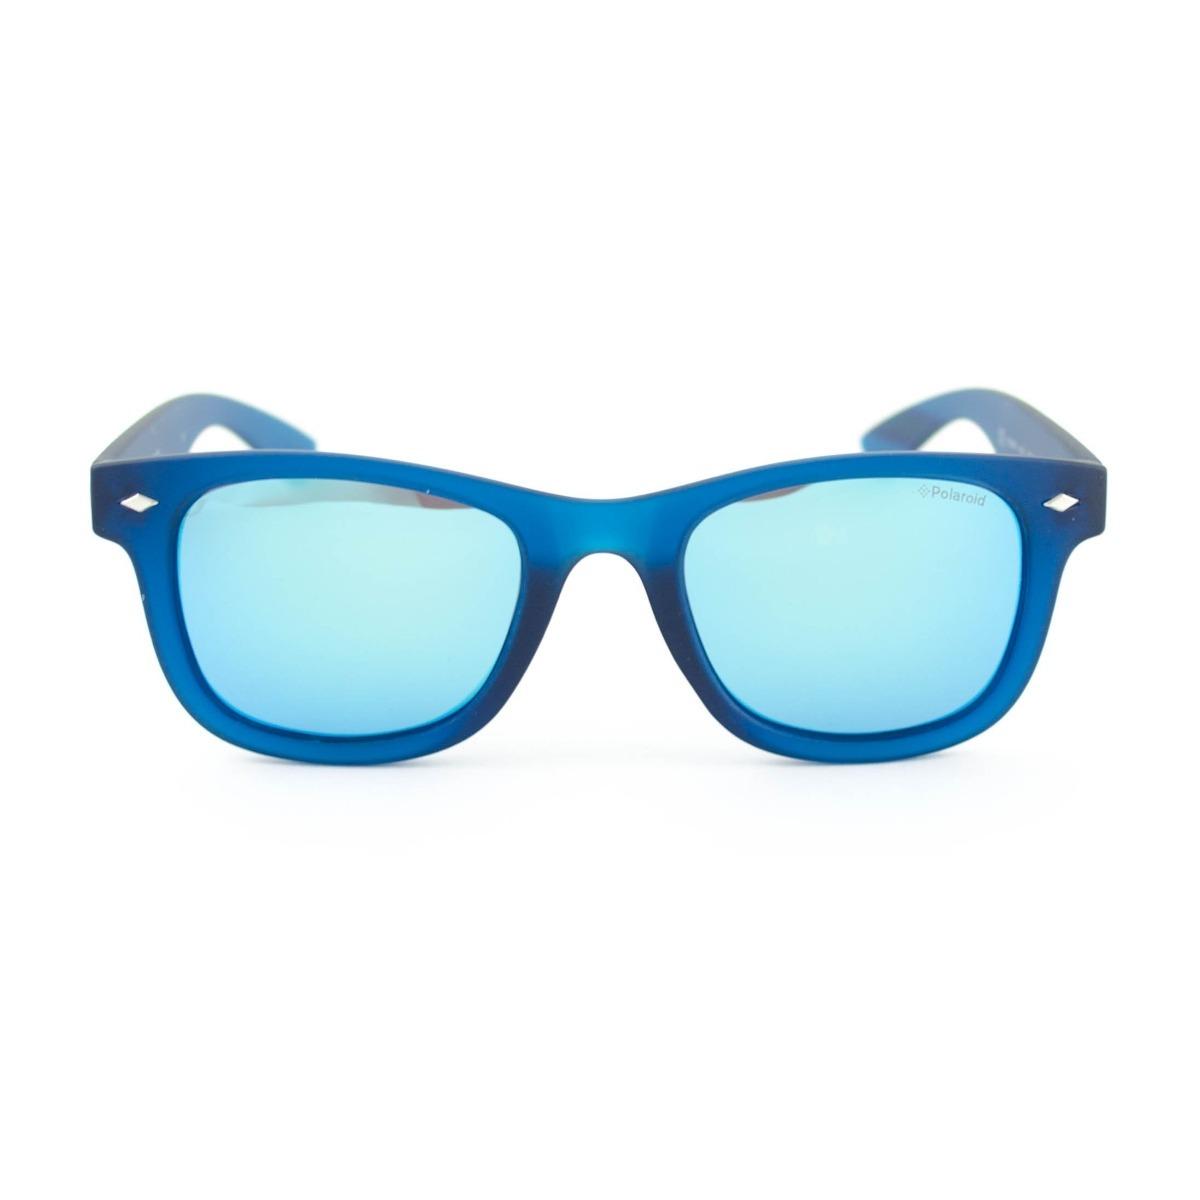 Carregando zoom... sol polaroid óculos. Carregando zoom... óculos de sol  infantil polaroid kids - pld8009 n ujojy azul 6153694968